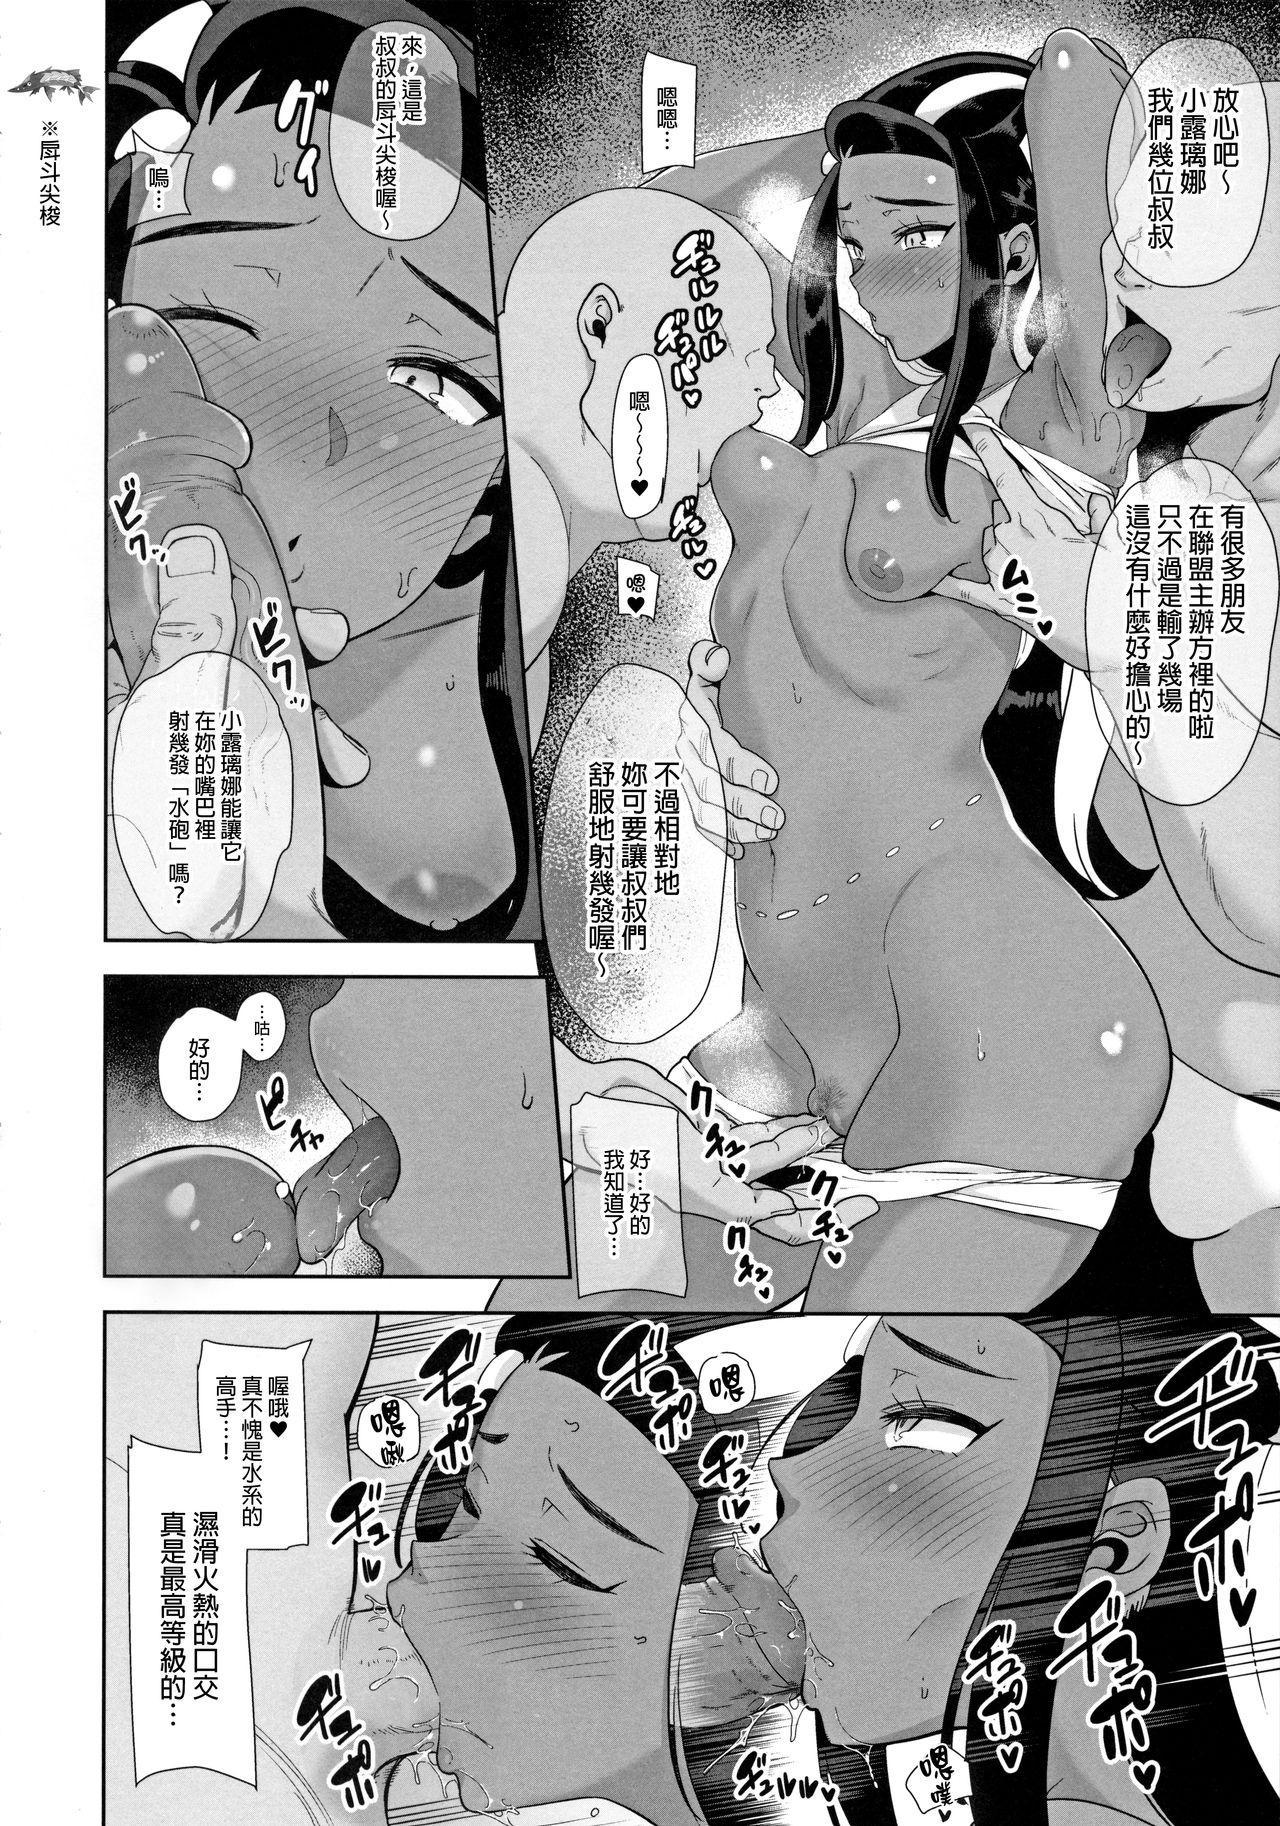 Galar no Yoru no Sugata 5